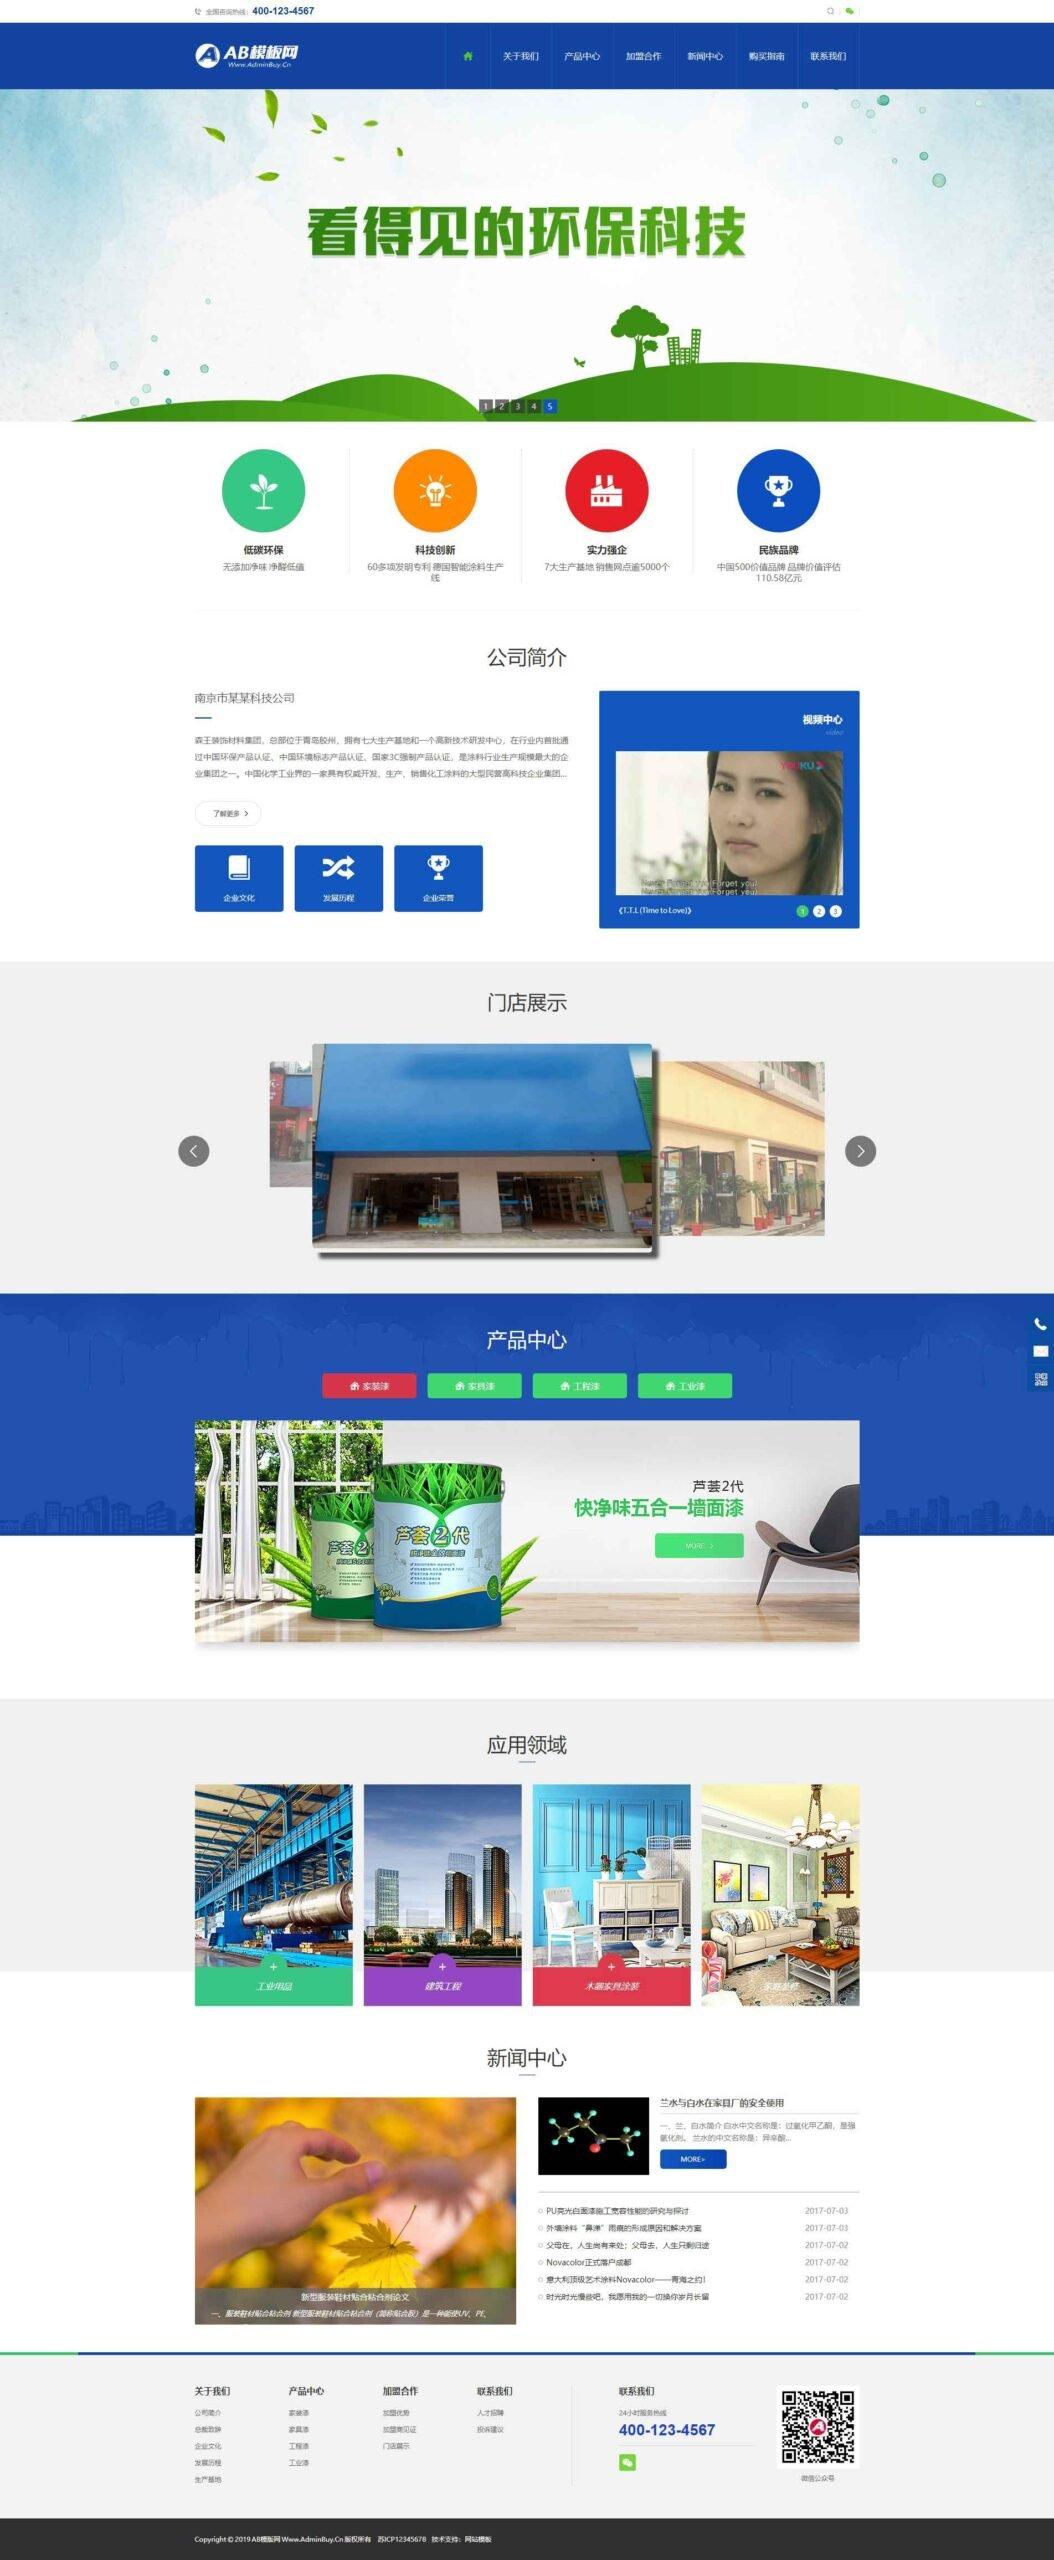 鹤云资源博客-家装涂料企业网站织梦dede模板源码[带手机版数据同步]插图